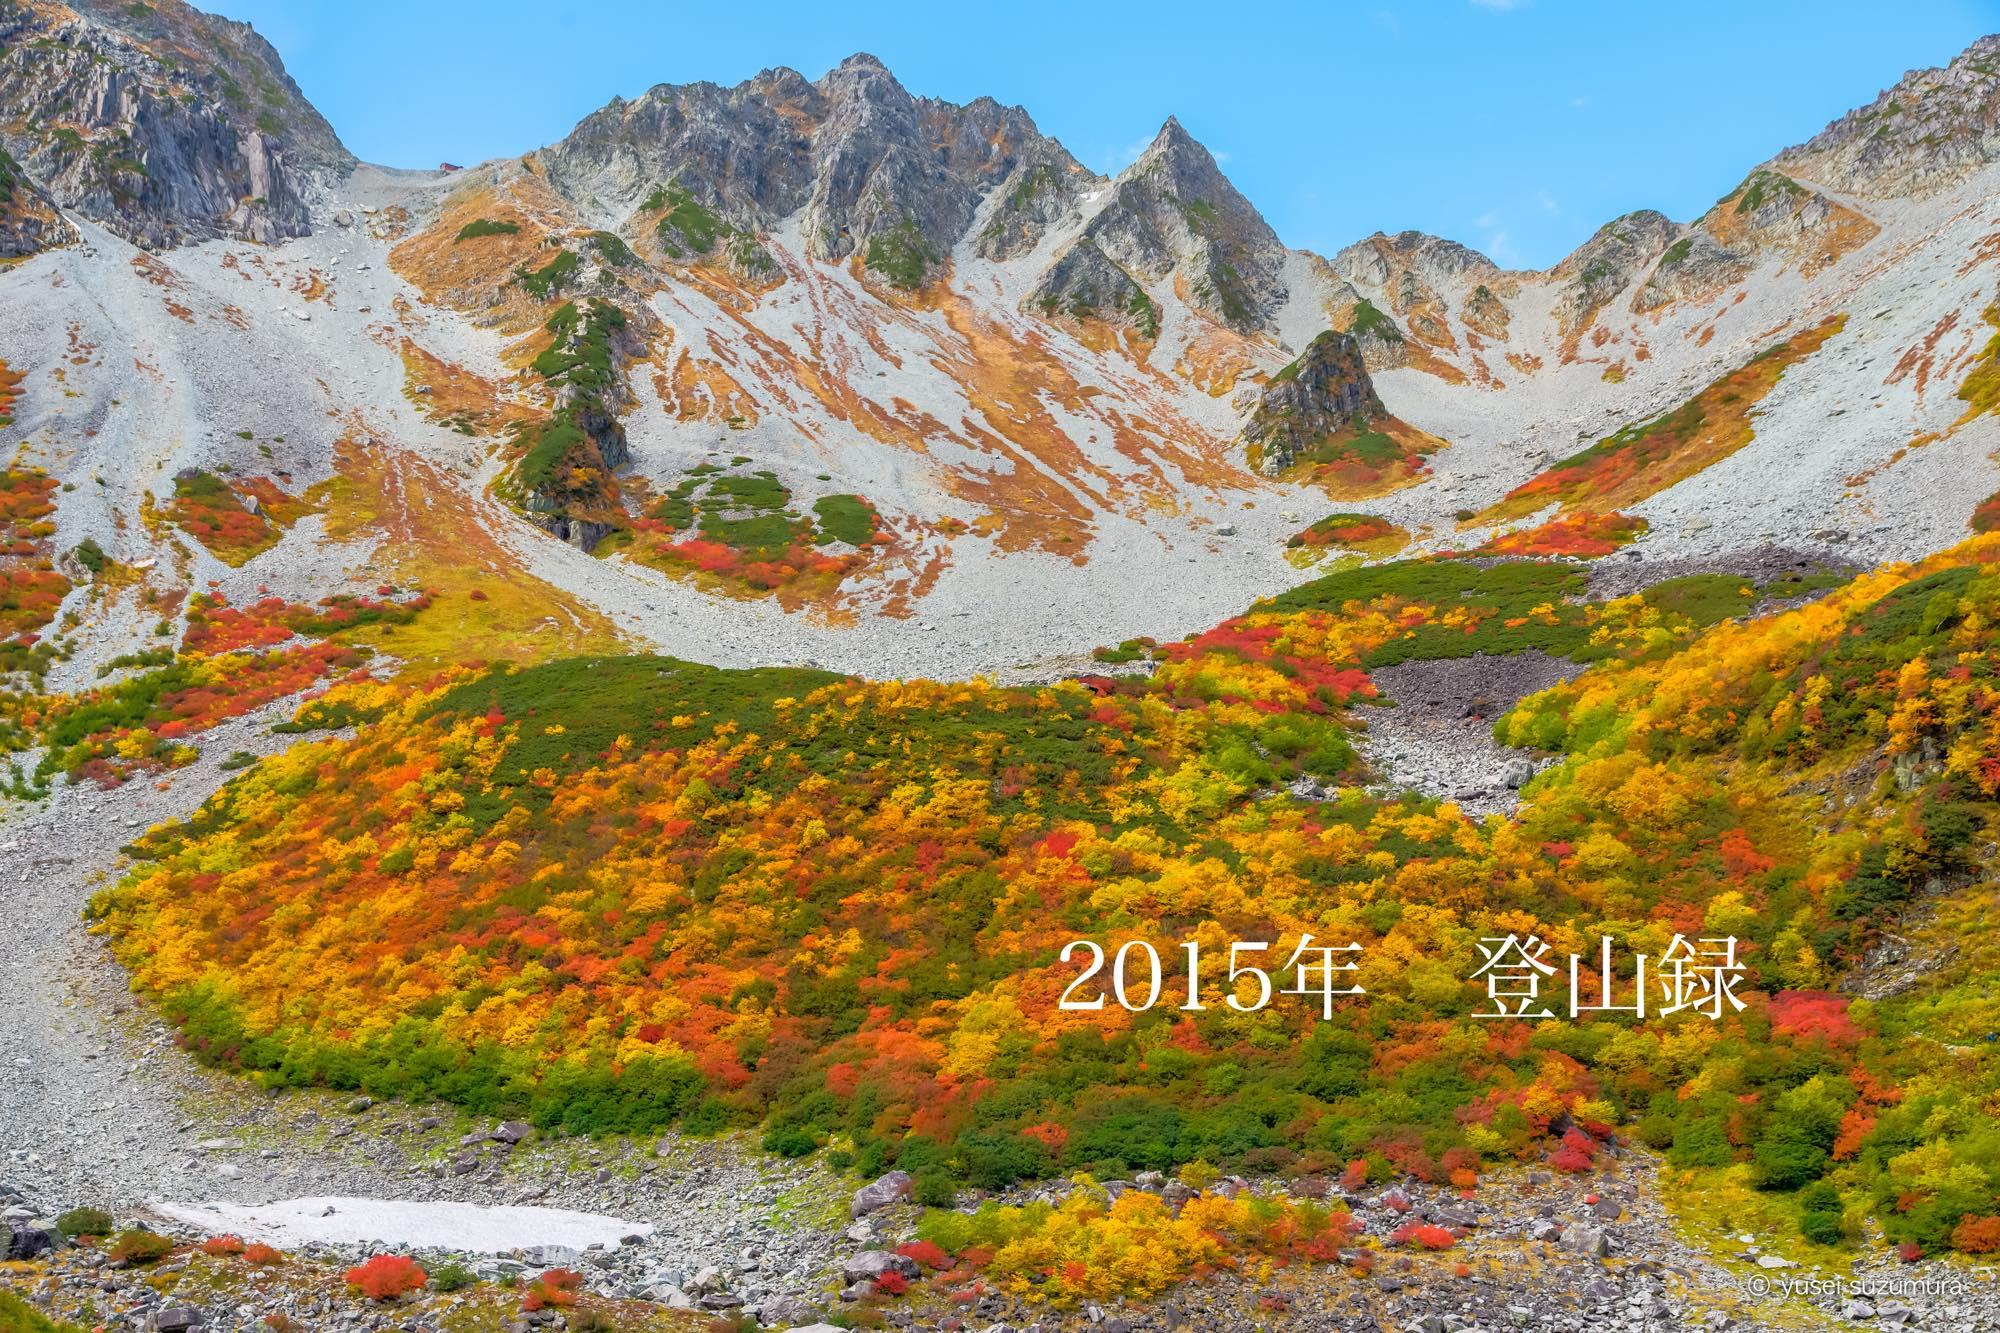 涸沢 2015年 紅葉